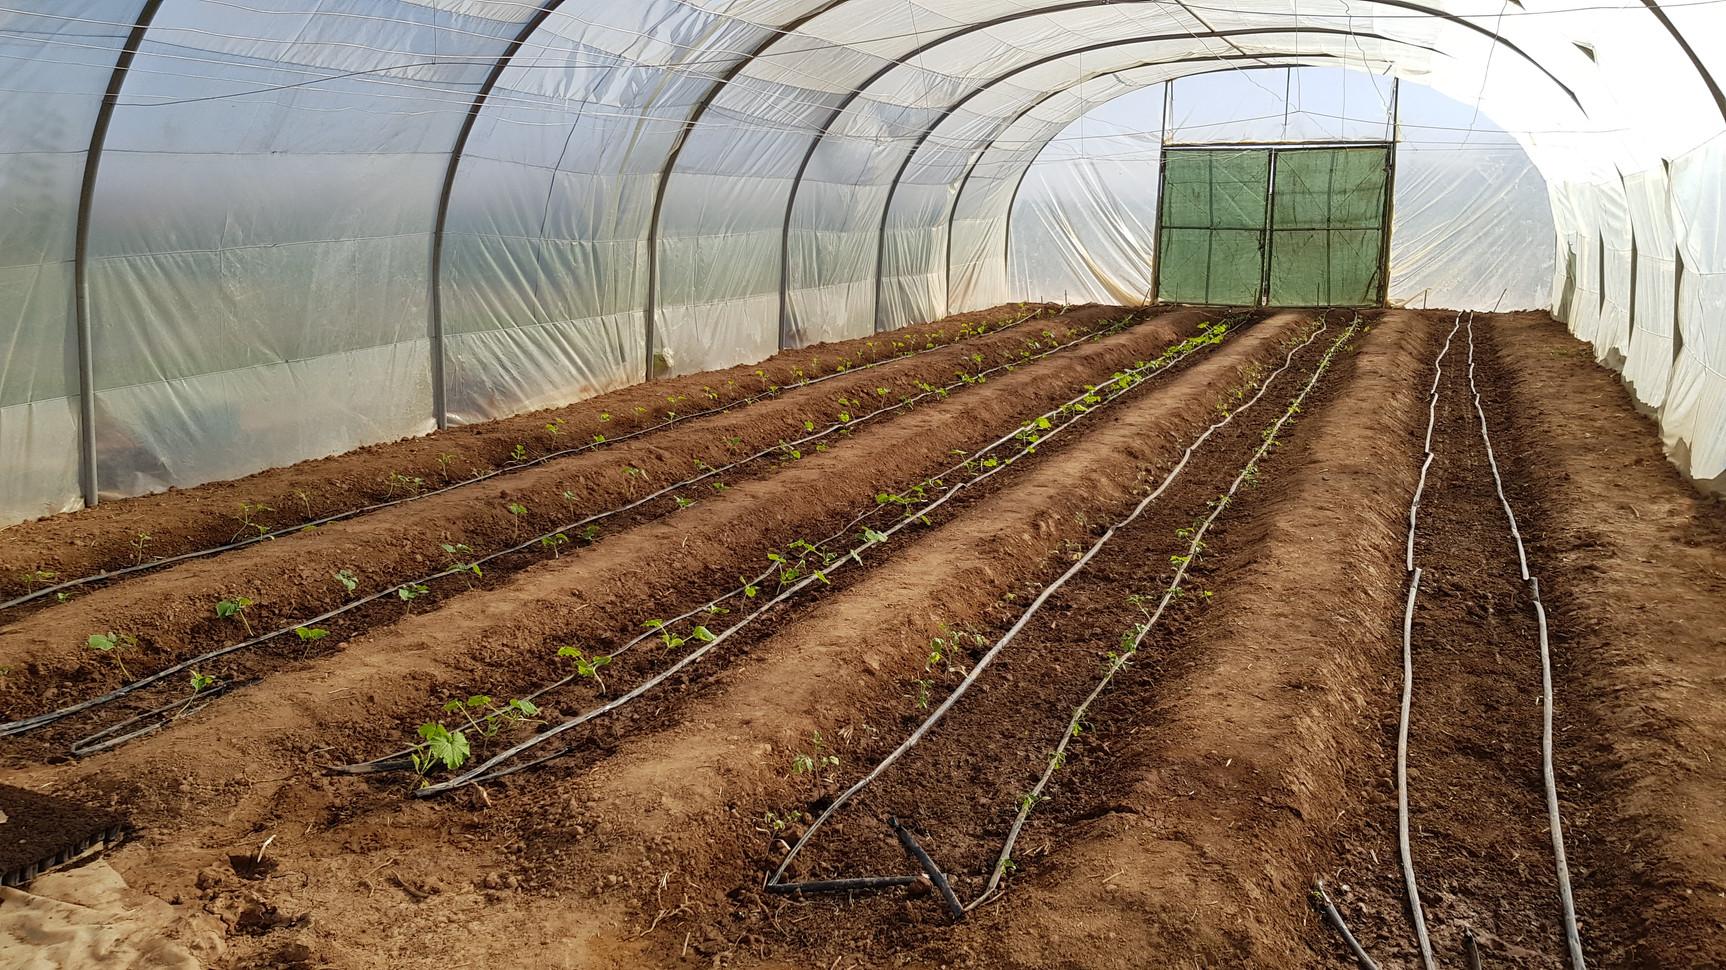 Lancement de la serre, lit décaissé, pour zone aride, gestion de l'eau plus adaptés. Les apports de matières organique viendra ratraper le chemin avec les années...